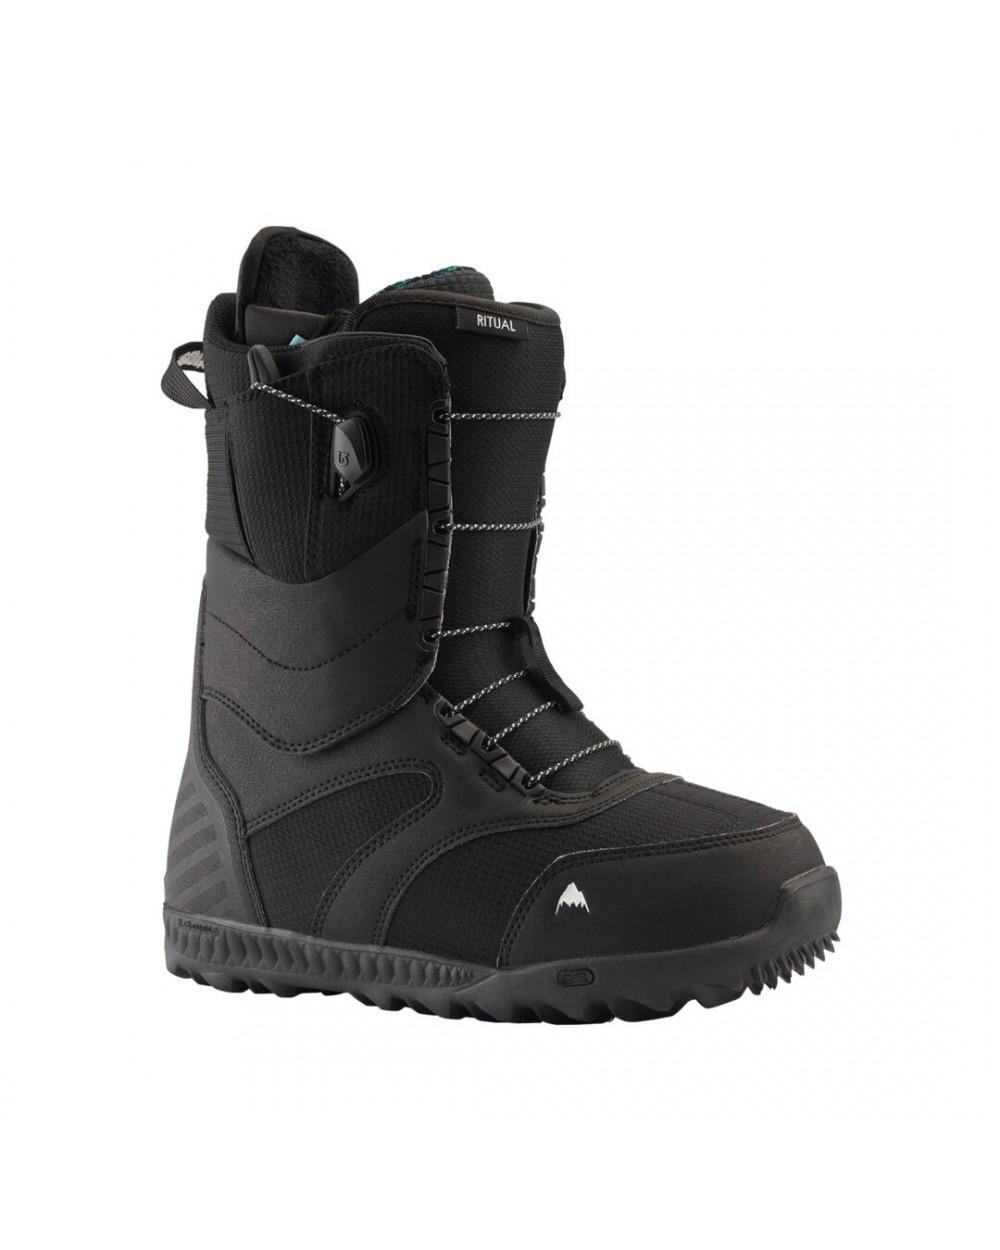 Burton Ritual Snowboard Boot - Black